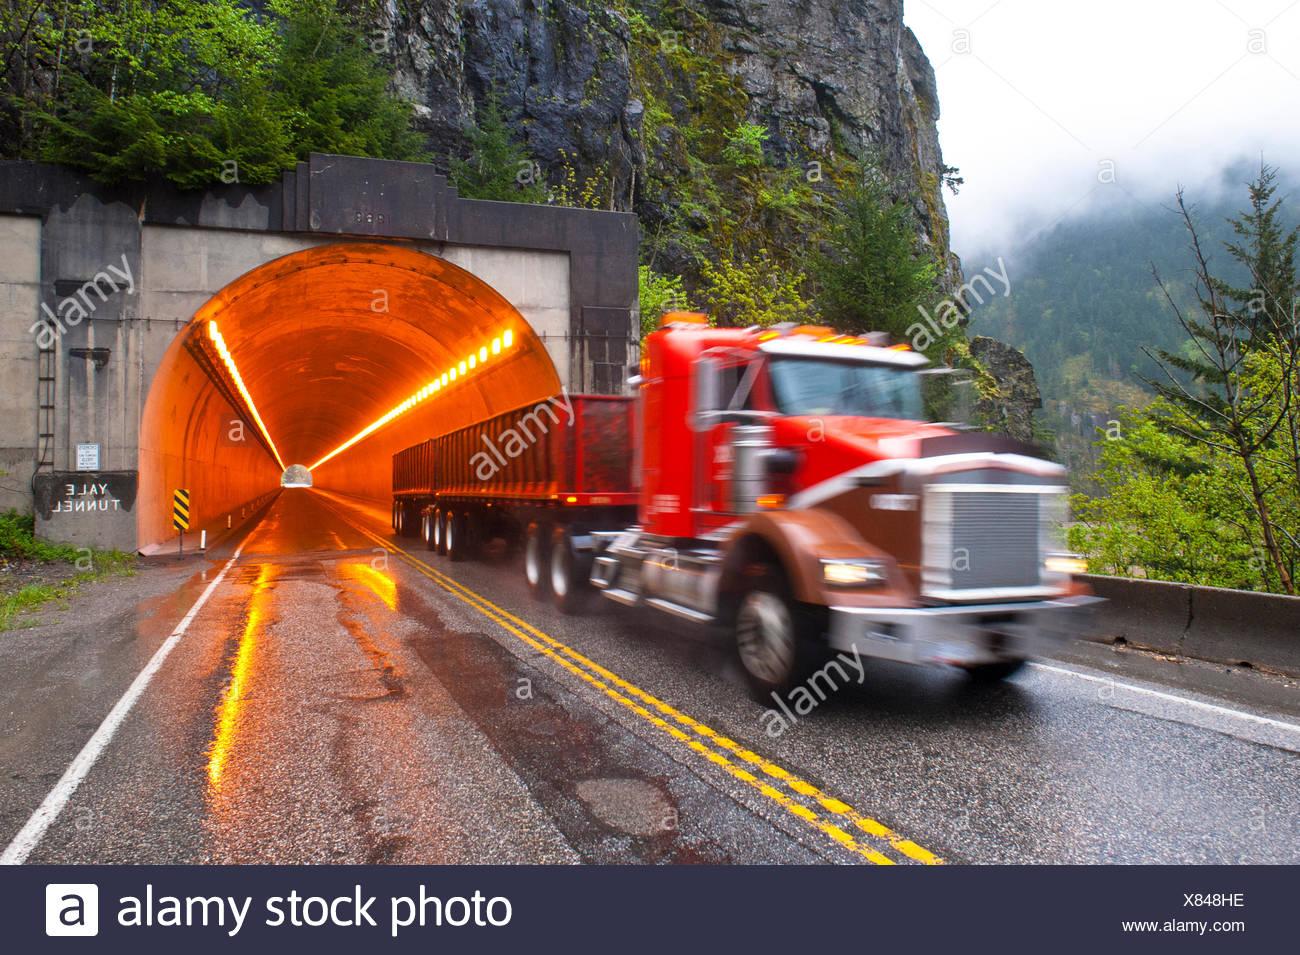 Natrium-Dampf-Leuchten verwendet, um einen Tunnel zu beleuchten. Stockbild